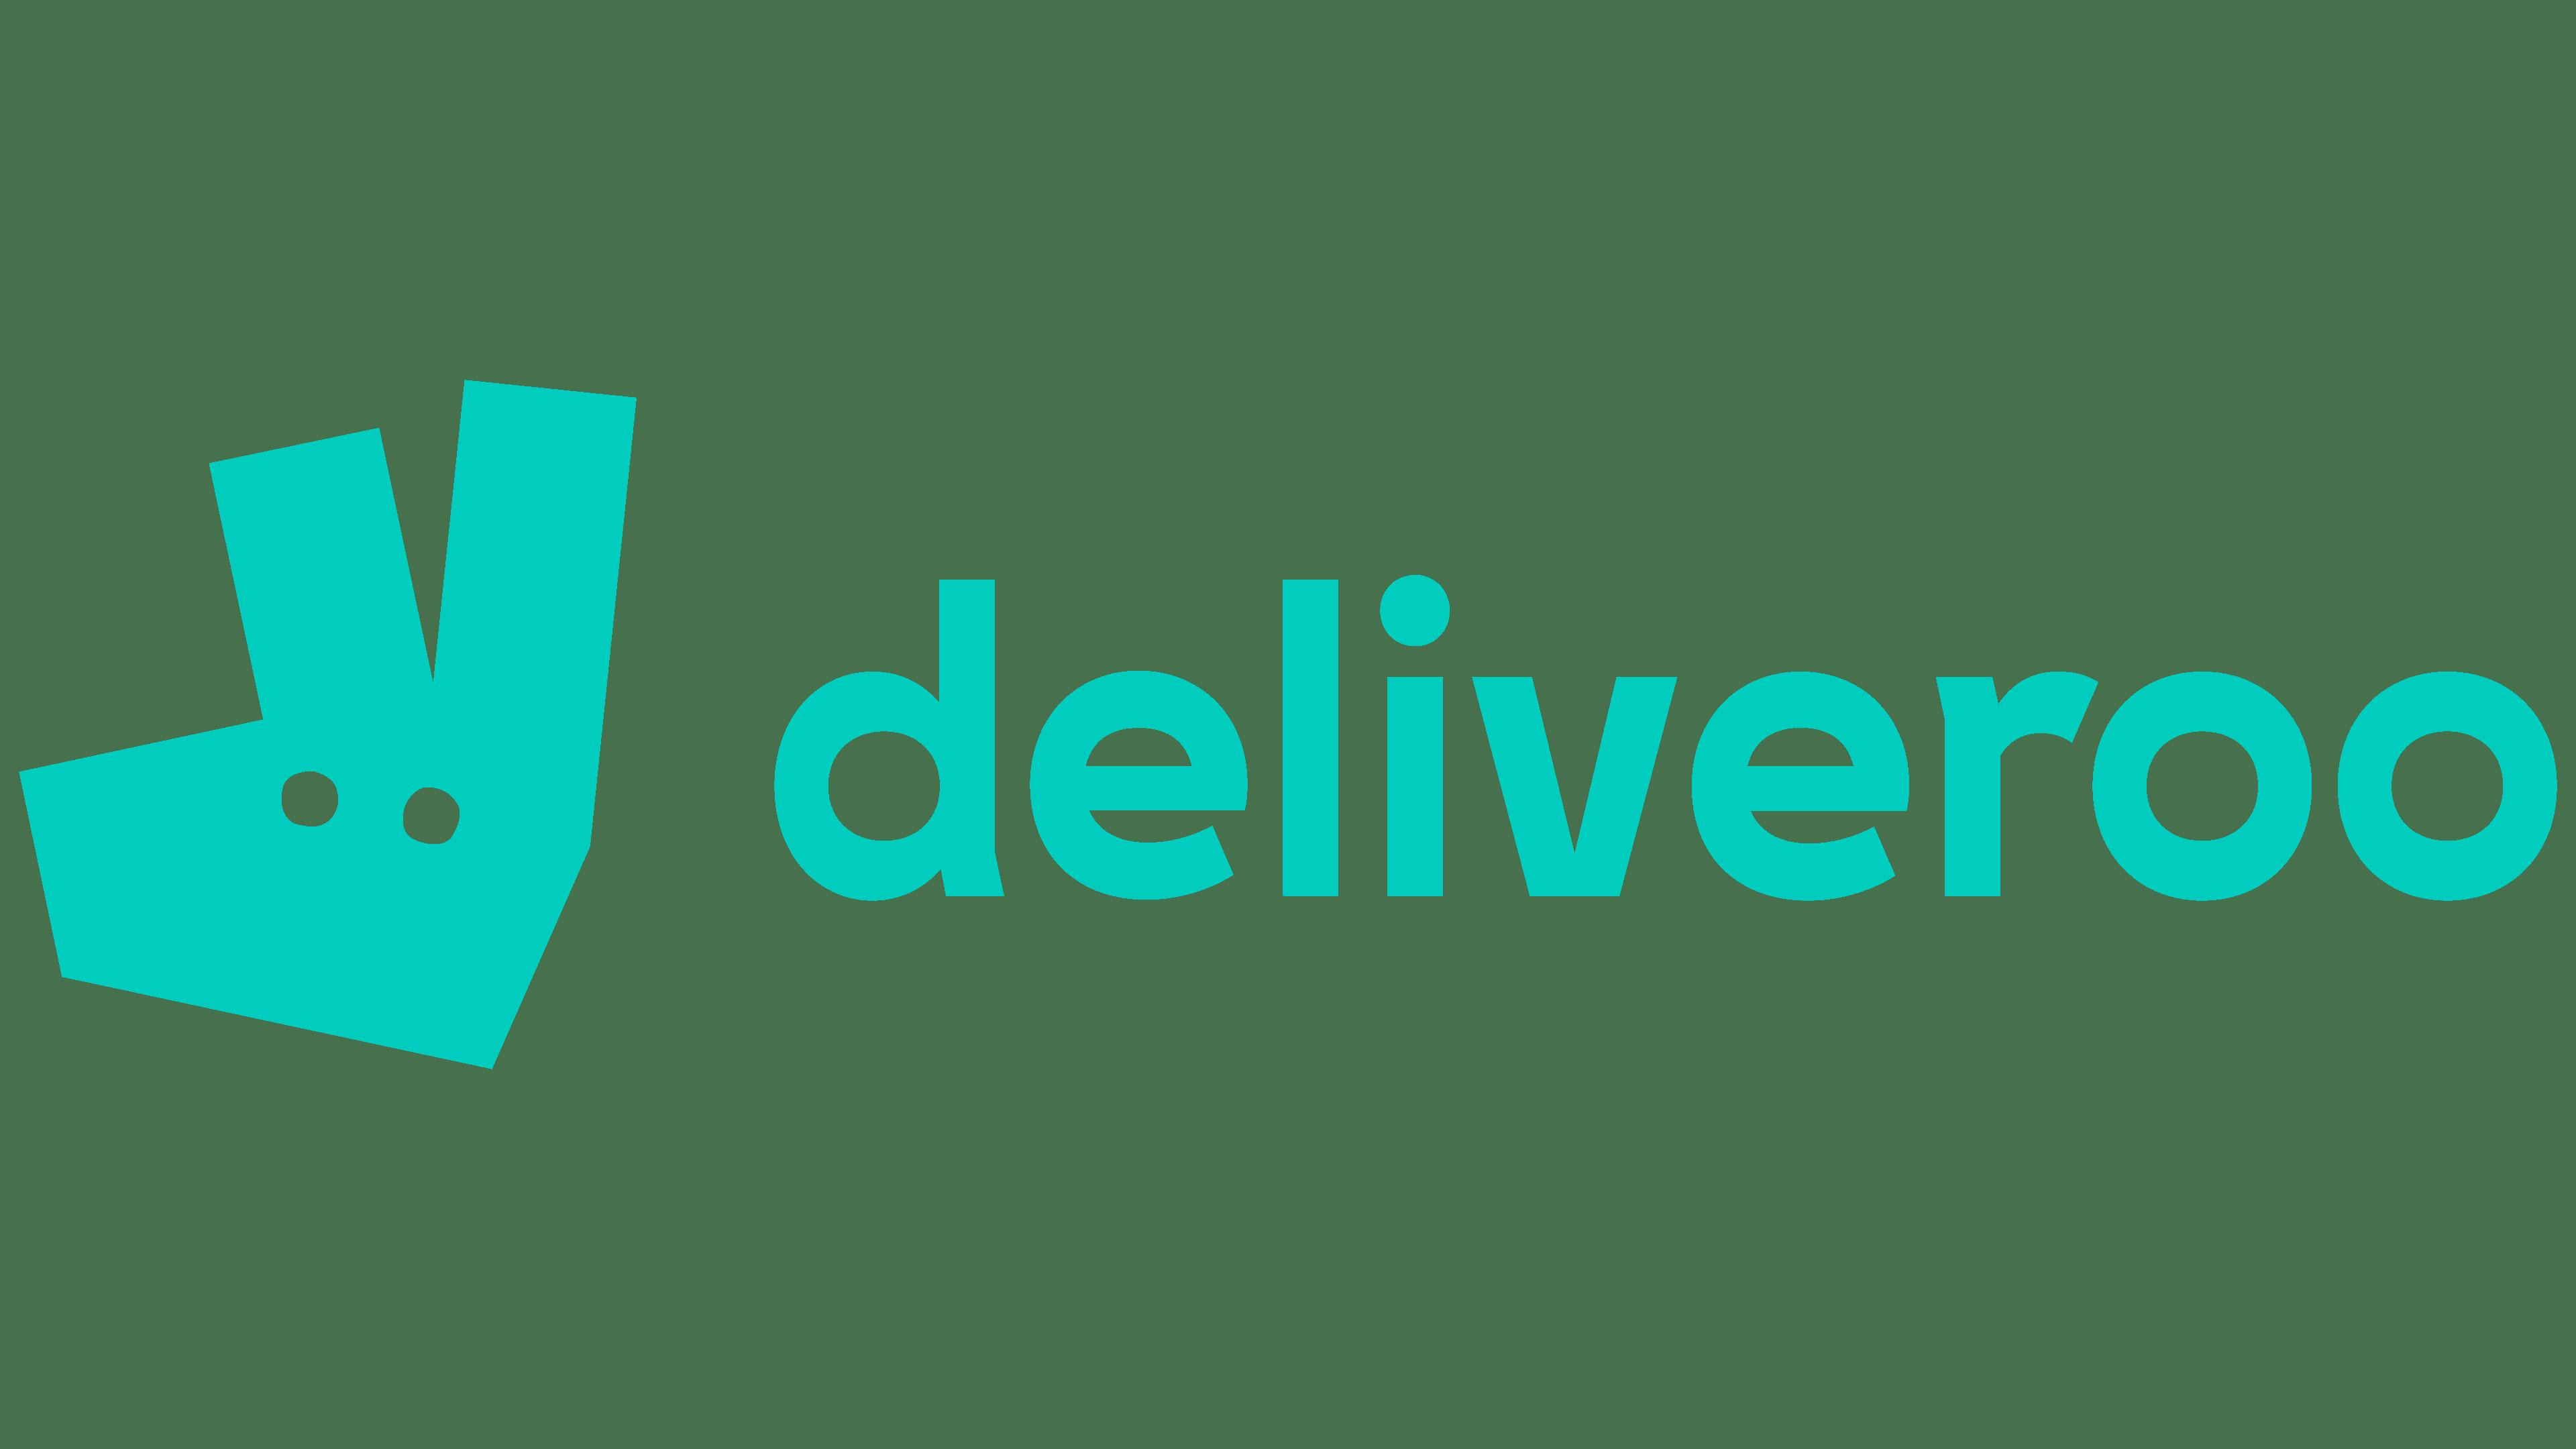 Deliveroo student discount code